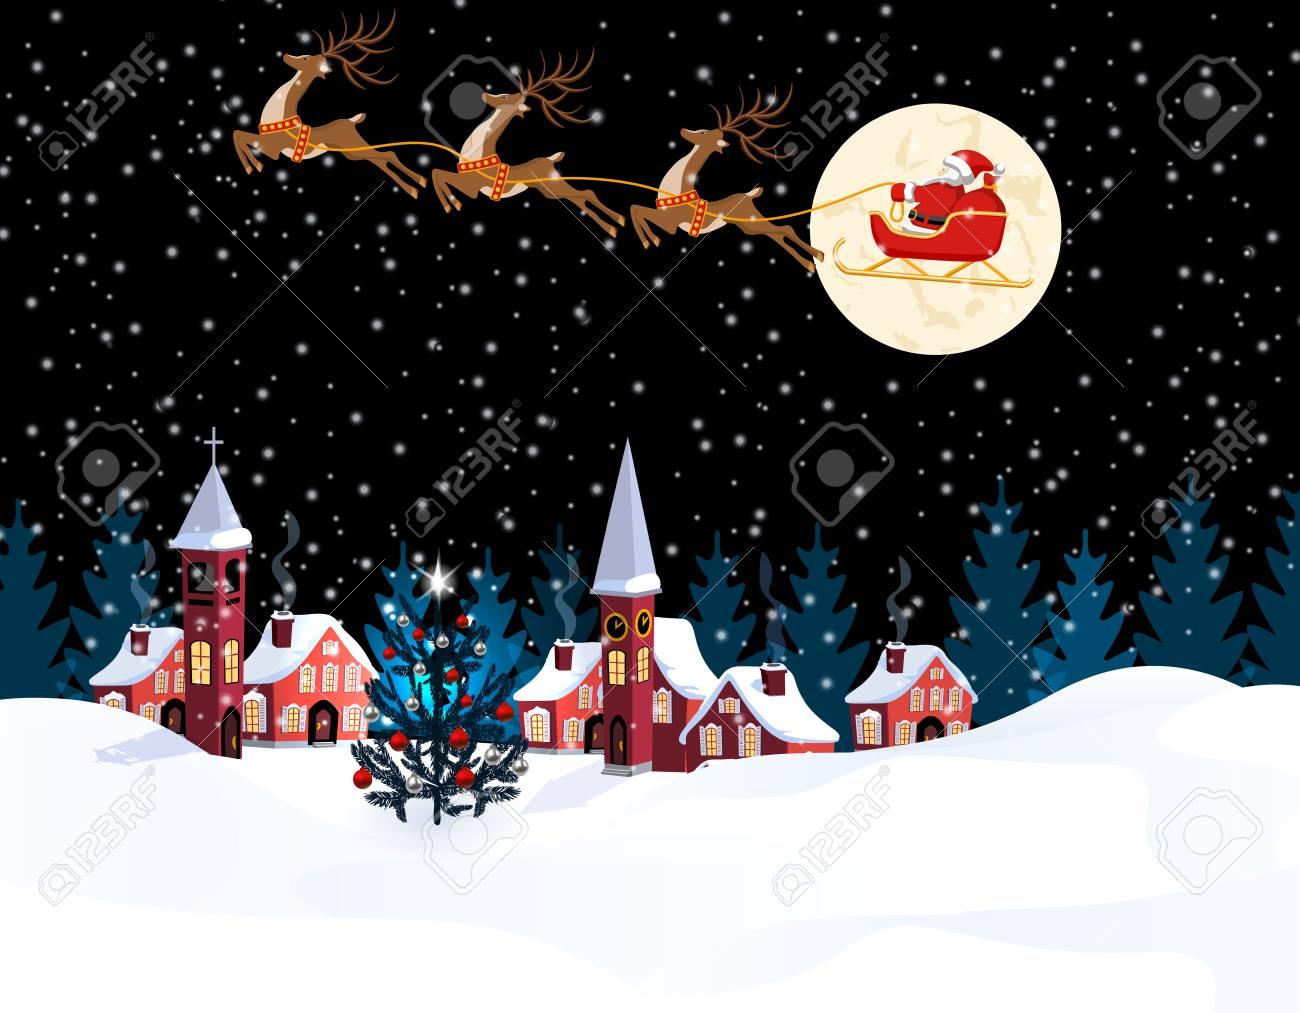 A rovaniemi per visitare la casa di babbo natale, le sue renne, le sue motoslitte, gli elfi e vivere la magica atmosfera delle feste. Vettoriale Natale Di Capodanno Un Immagine Di Babbo Natale E Dei Cervi Citta Invernale Alla Vigilia Del Nuovo Anno Neve Luna Albero Di Natale Decorato Illustrazione Image 88363504